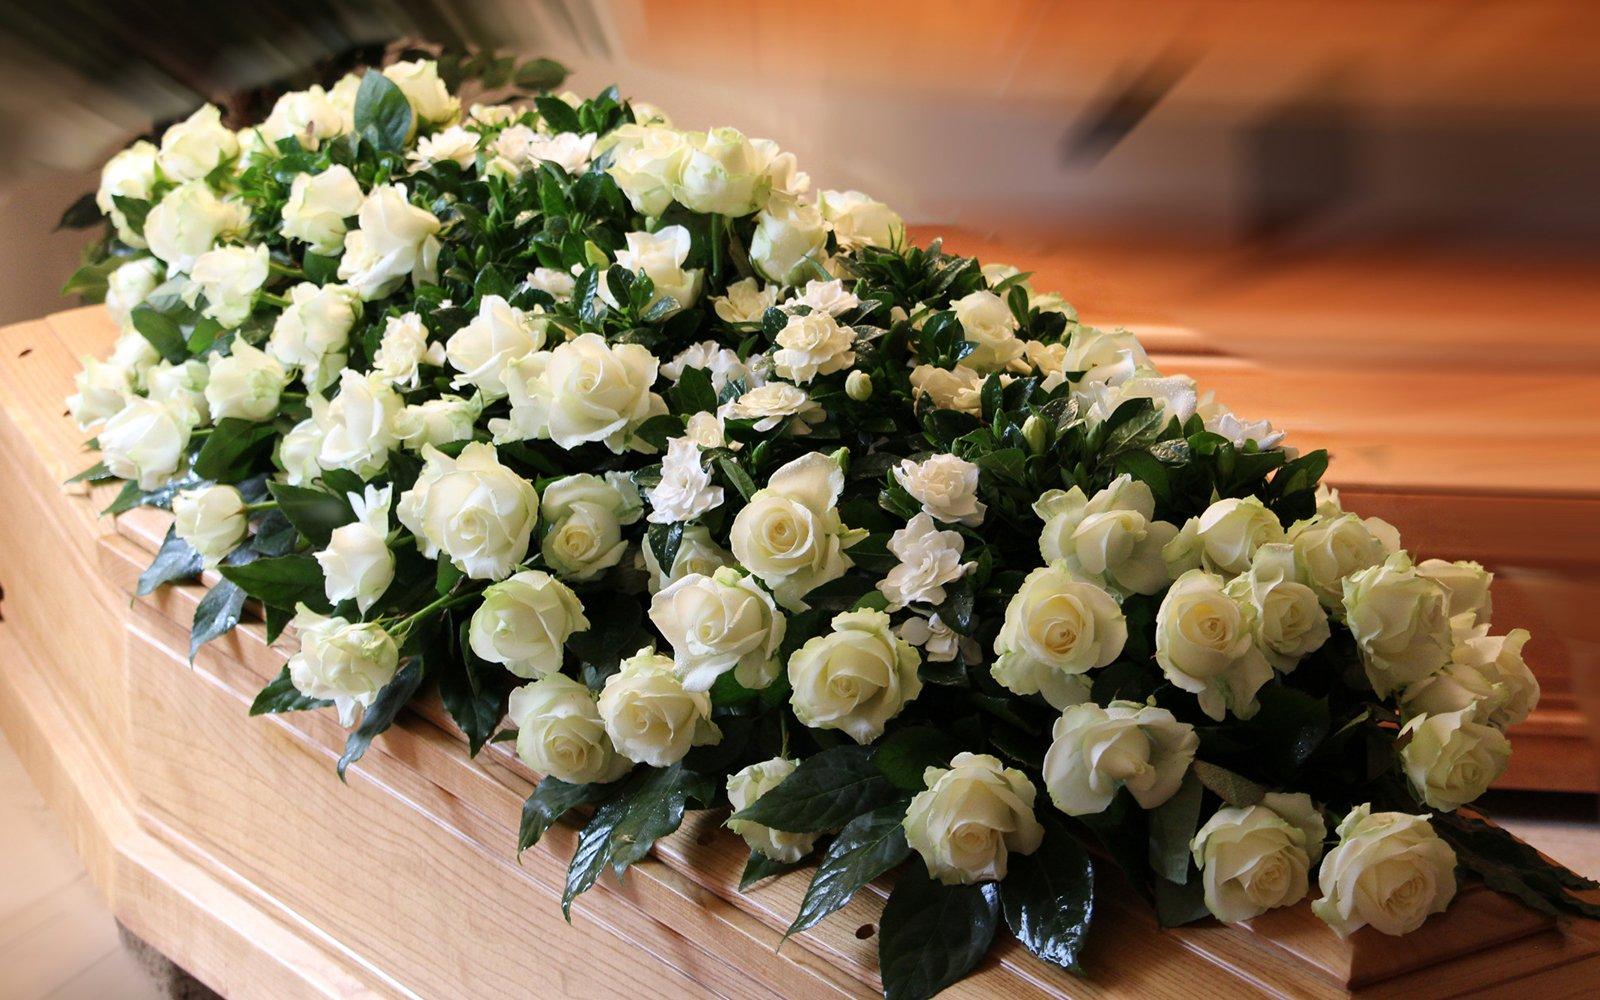 una corona di rose bianche su una bara